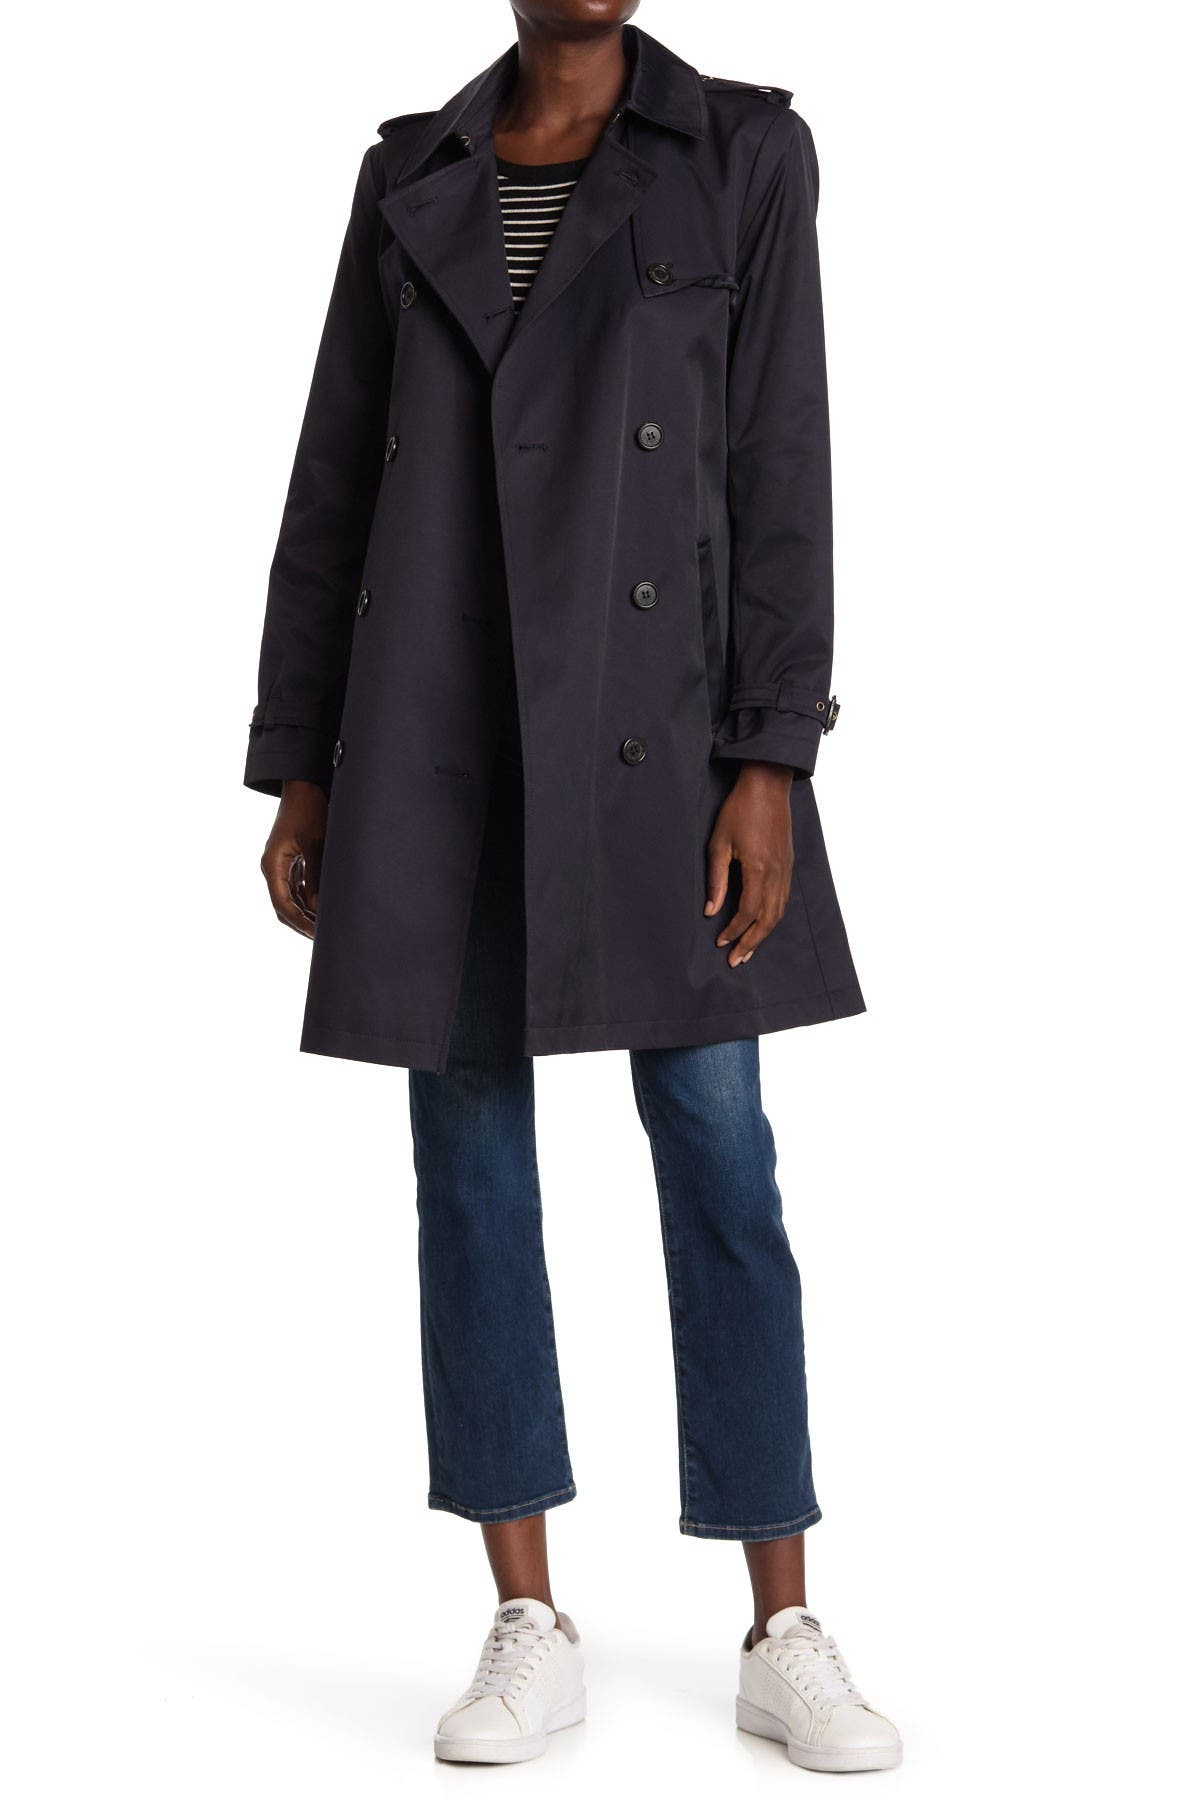 Image of Lauren Ralph Lauren Trench Coat